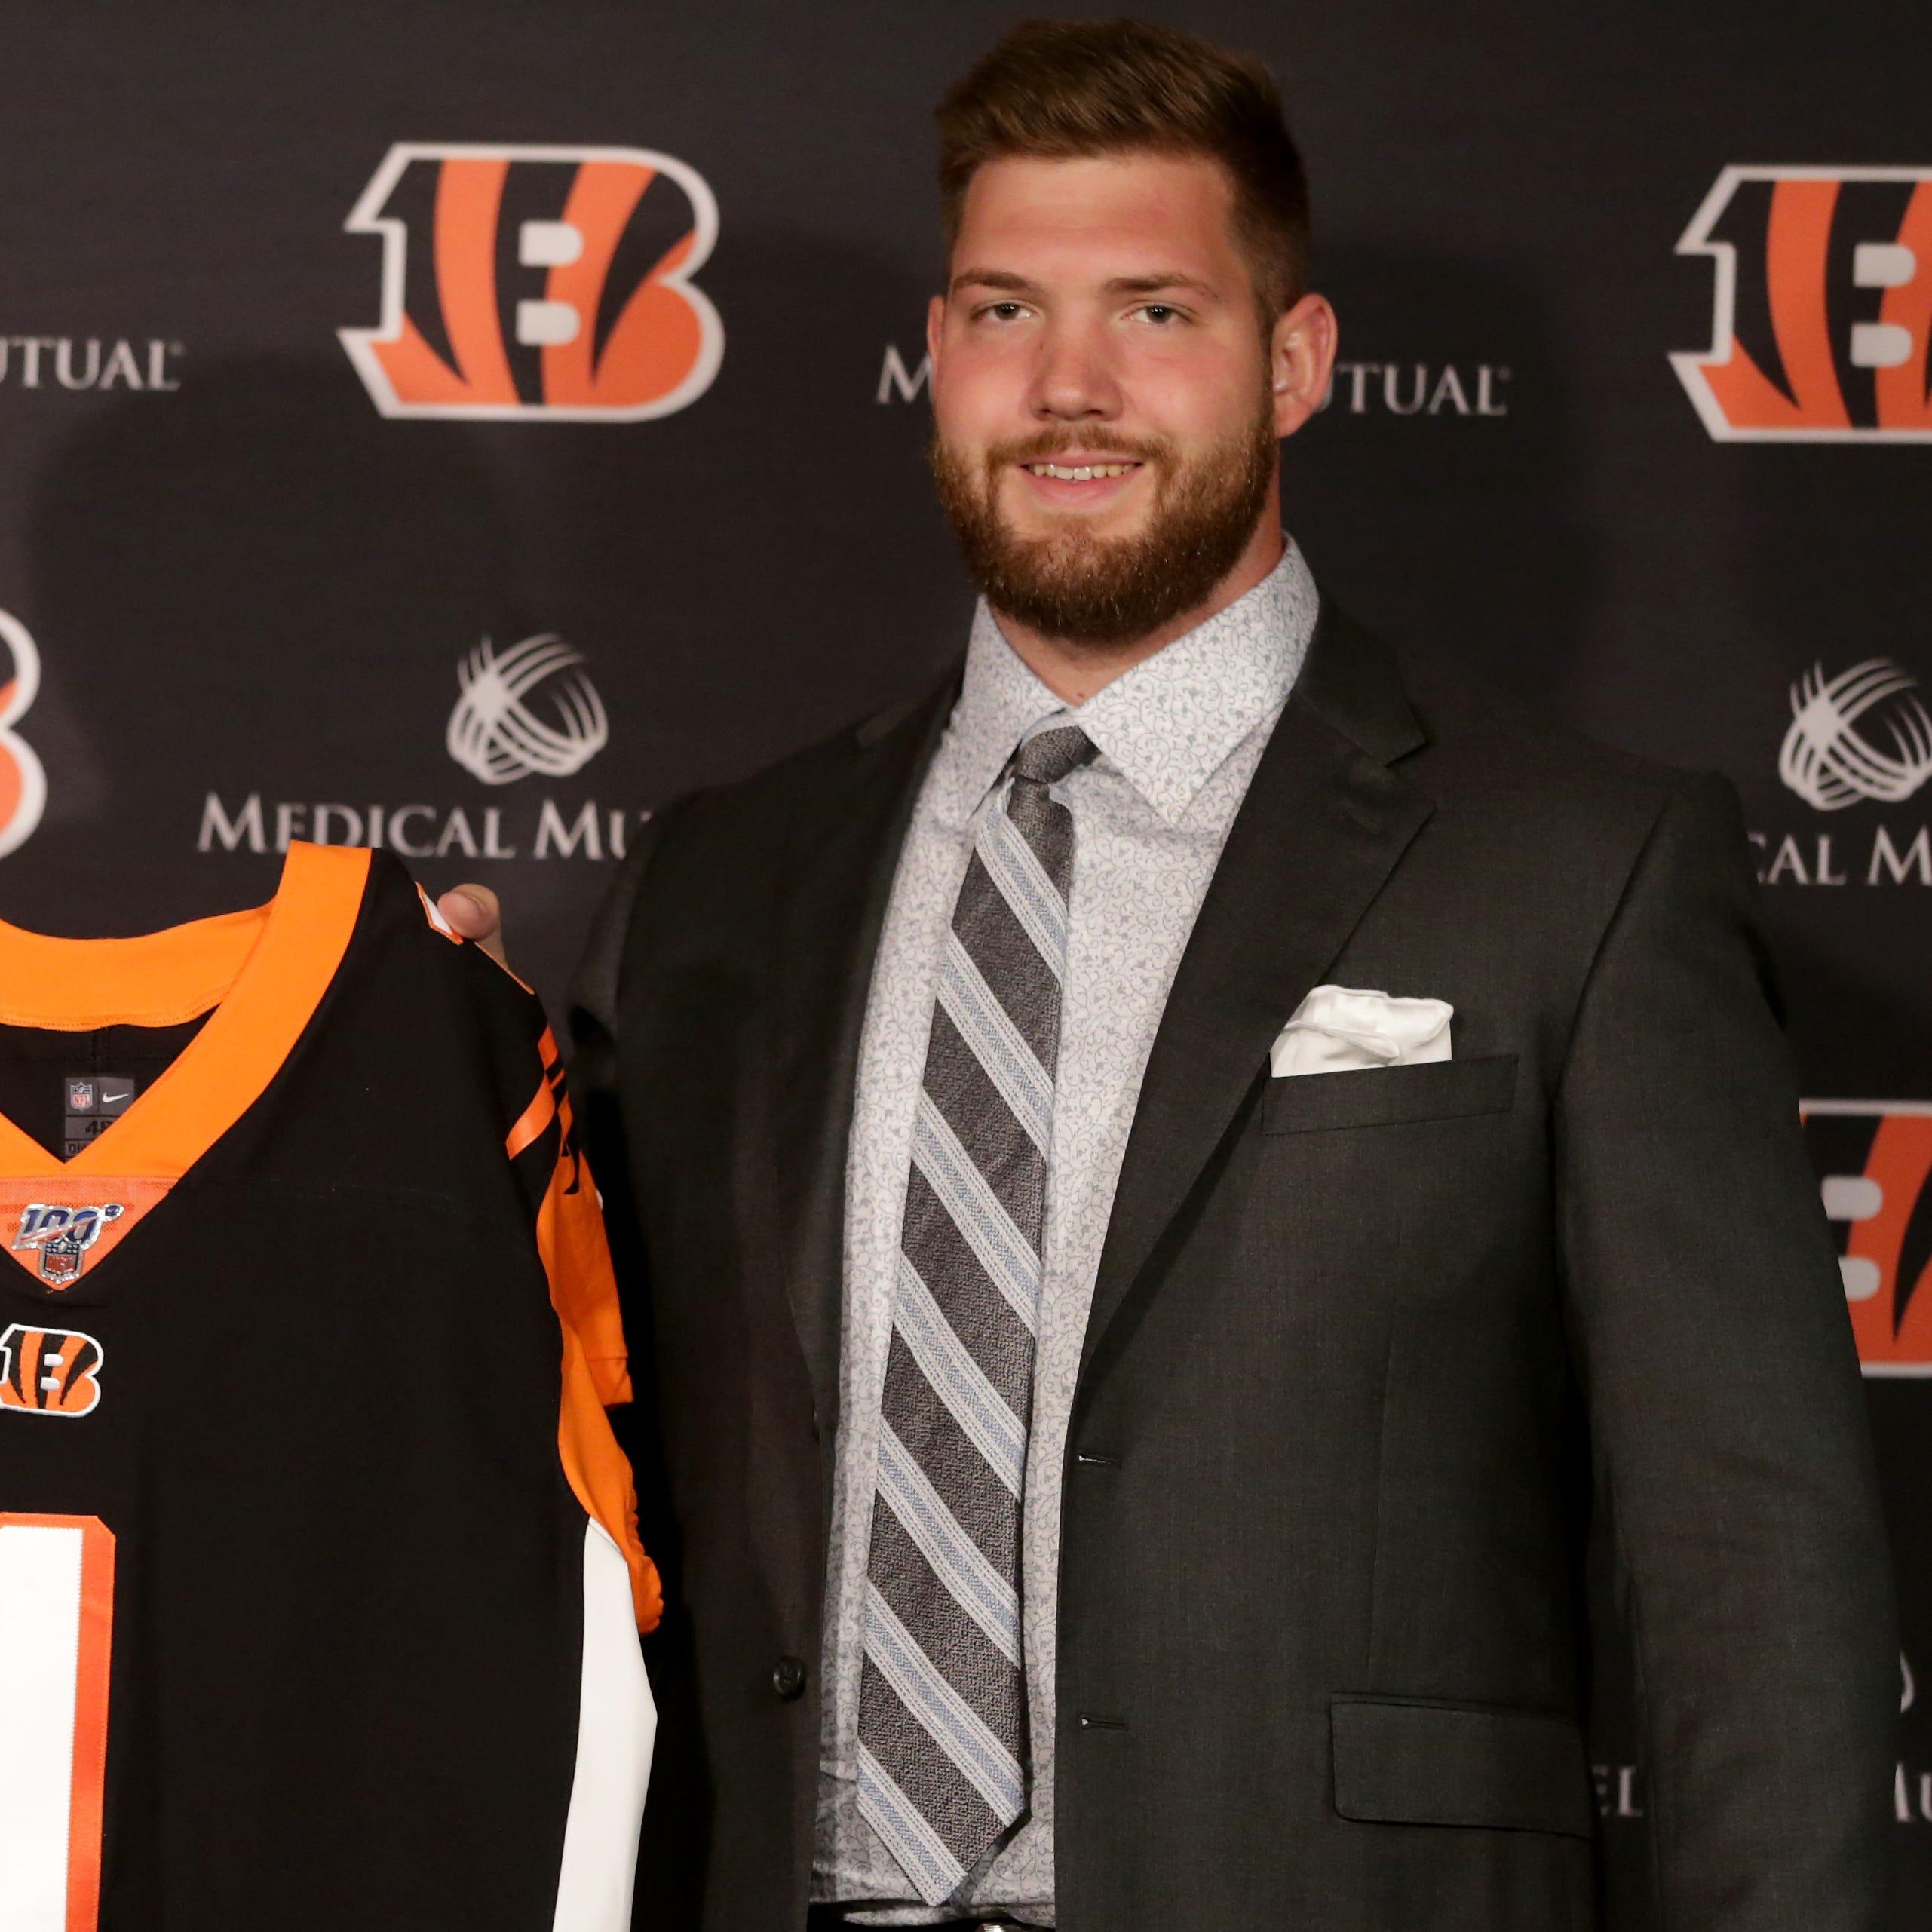 Live Cincinnati Bengals 2019 NFL Draft tracker